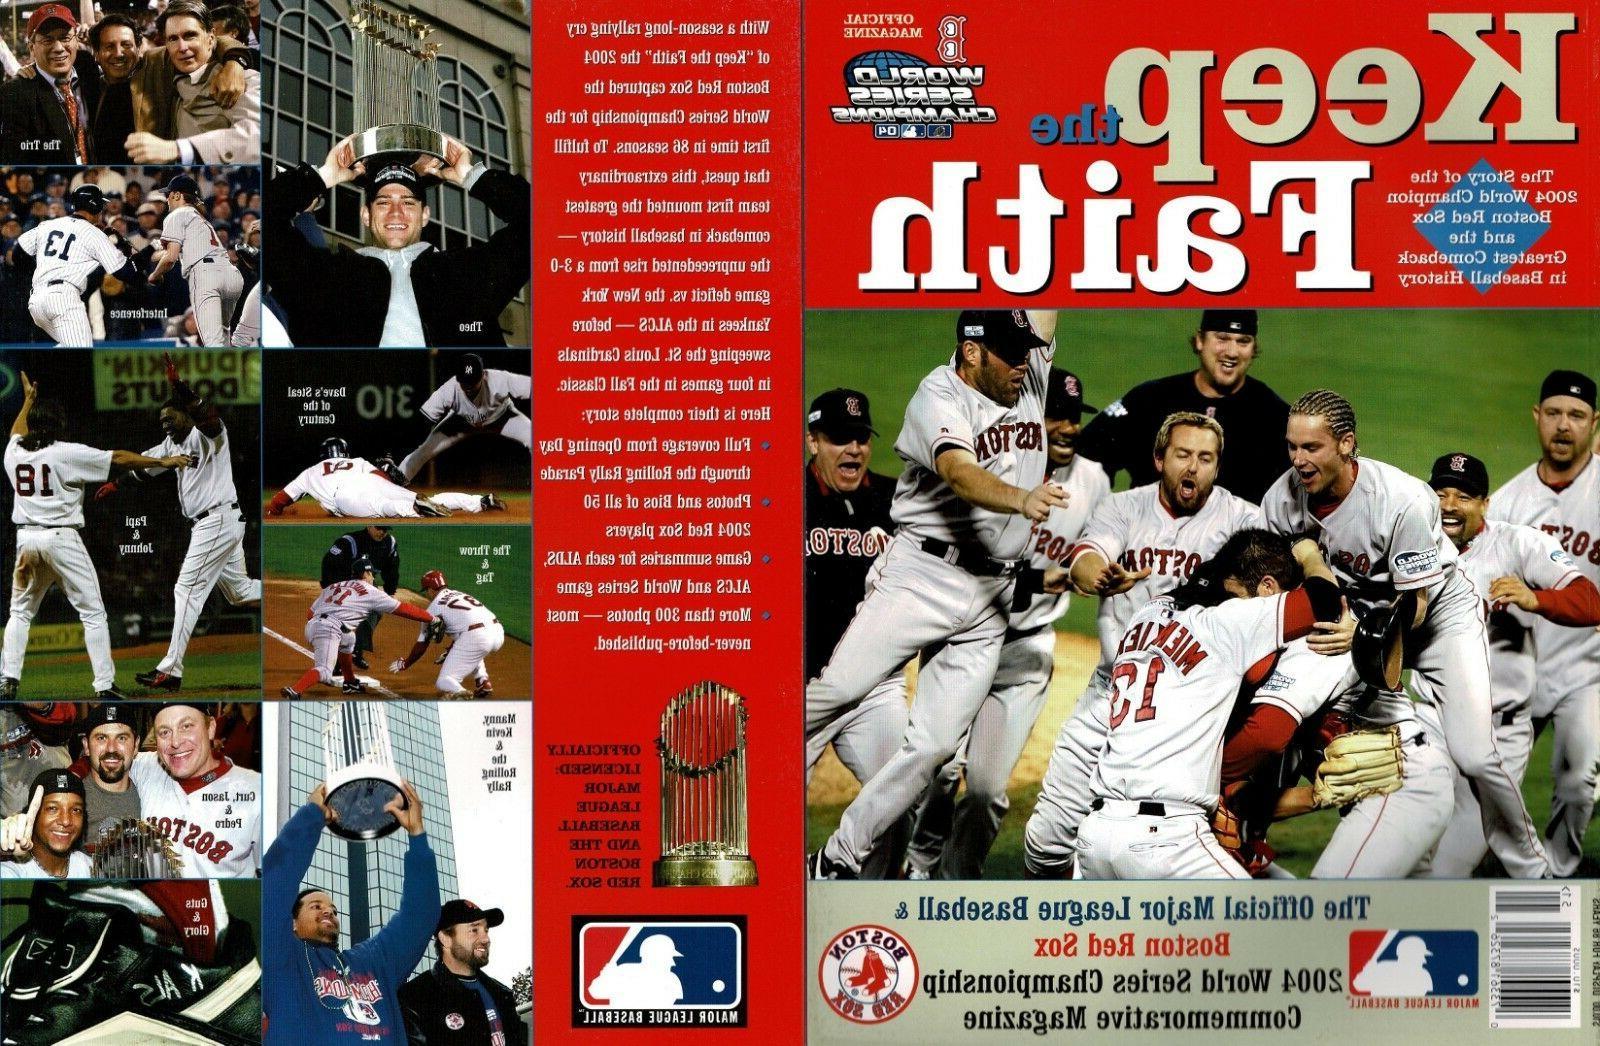 keep the faith boston red sox 2004